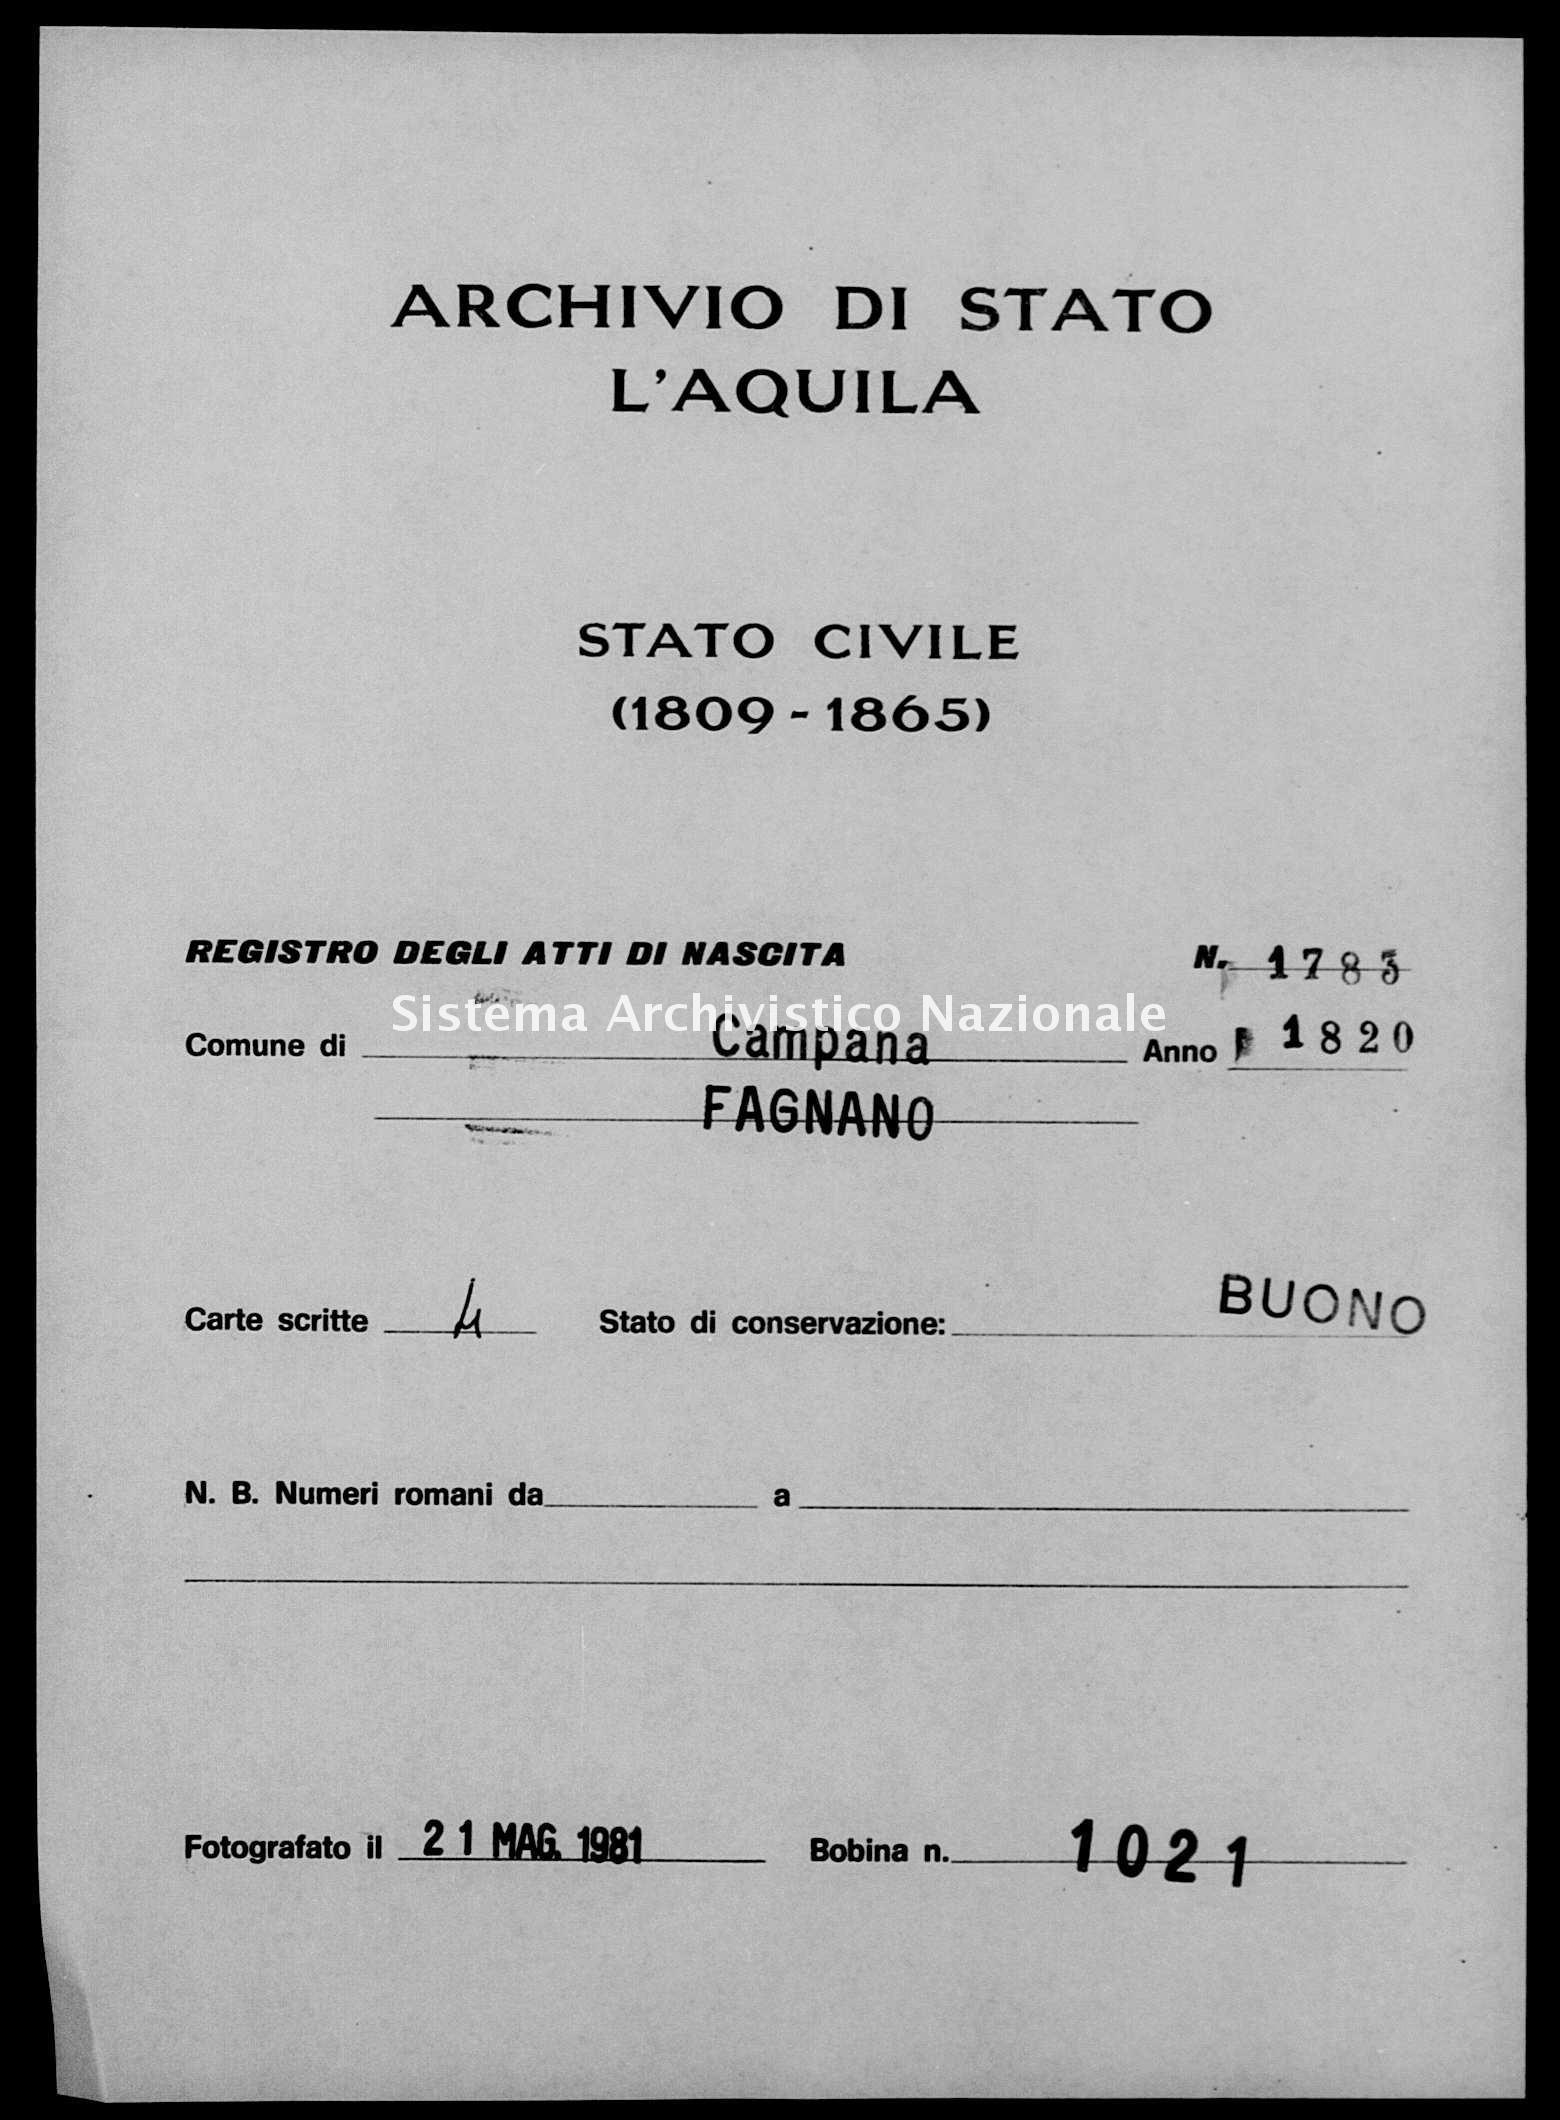 Archivio di stato di L'aquila - Stato civile della restaurazione - Campana - Nati - 1820 - 1783 -